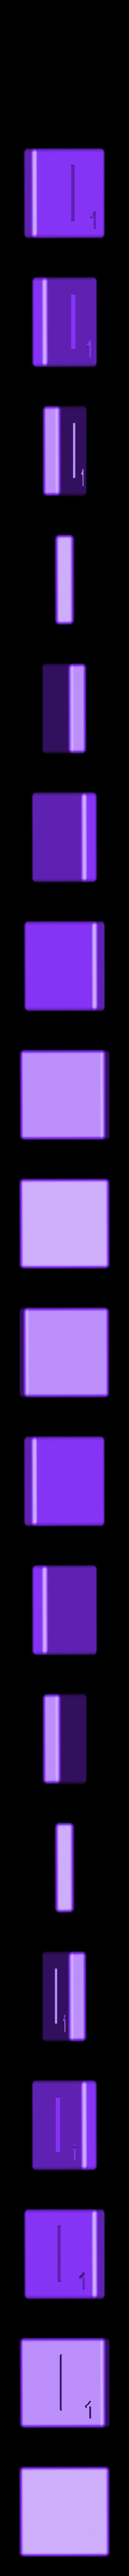 Dual_Shell_I.STL Télécharger fichier STL gratuit Pièces et support SCRABBBLE • Design pour imprimante 3D, Balkhagal4D